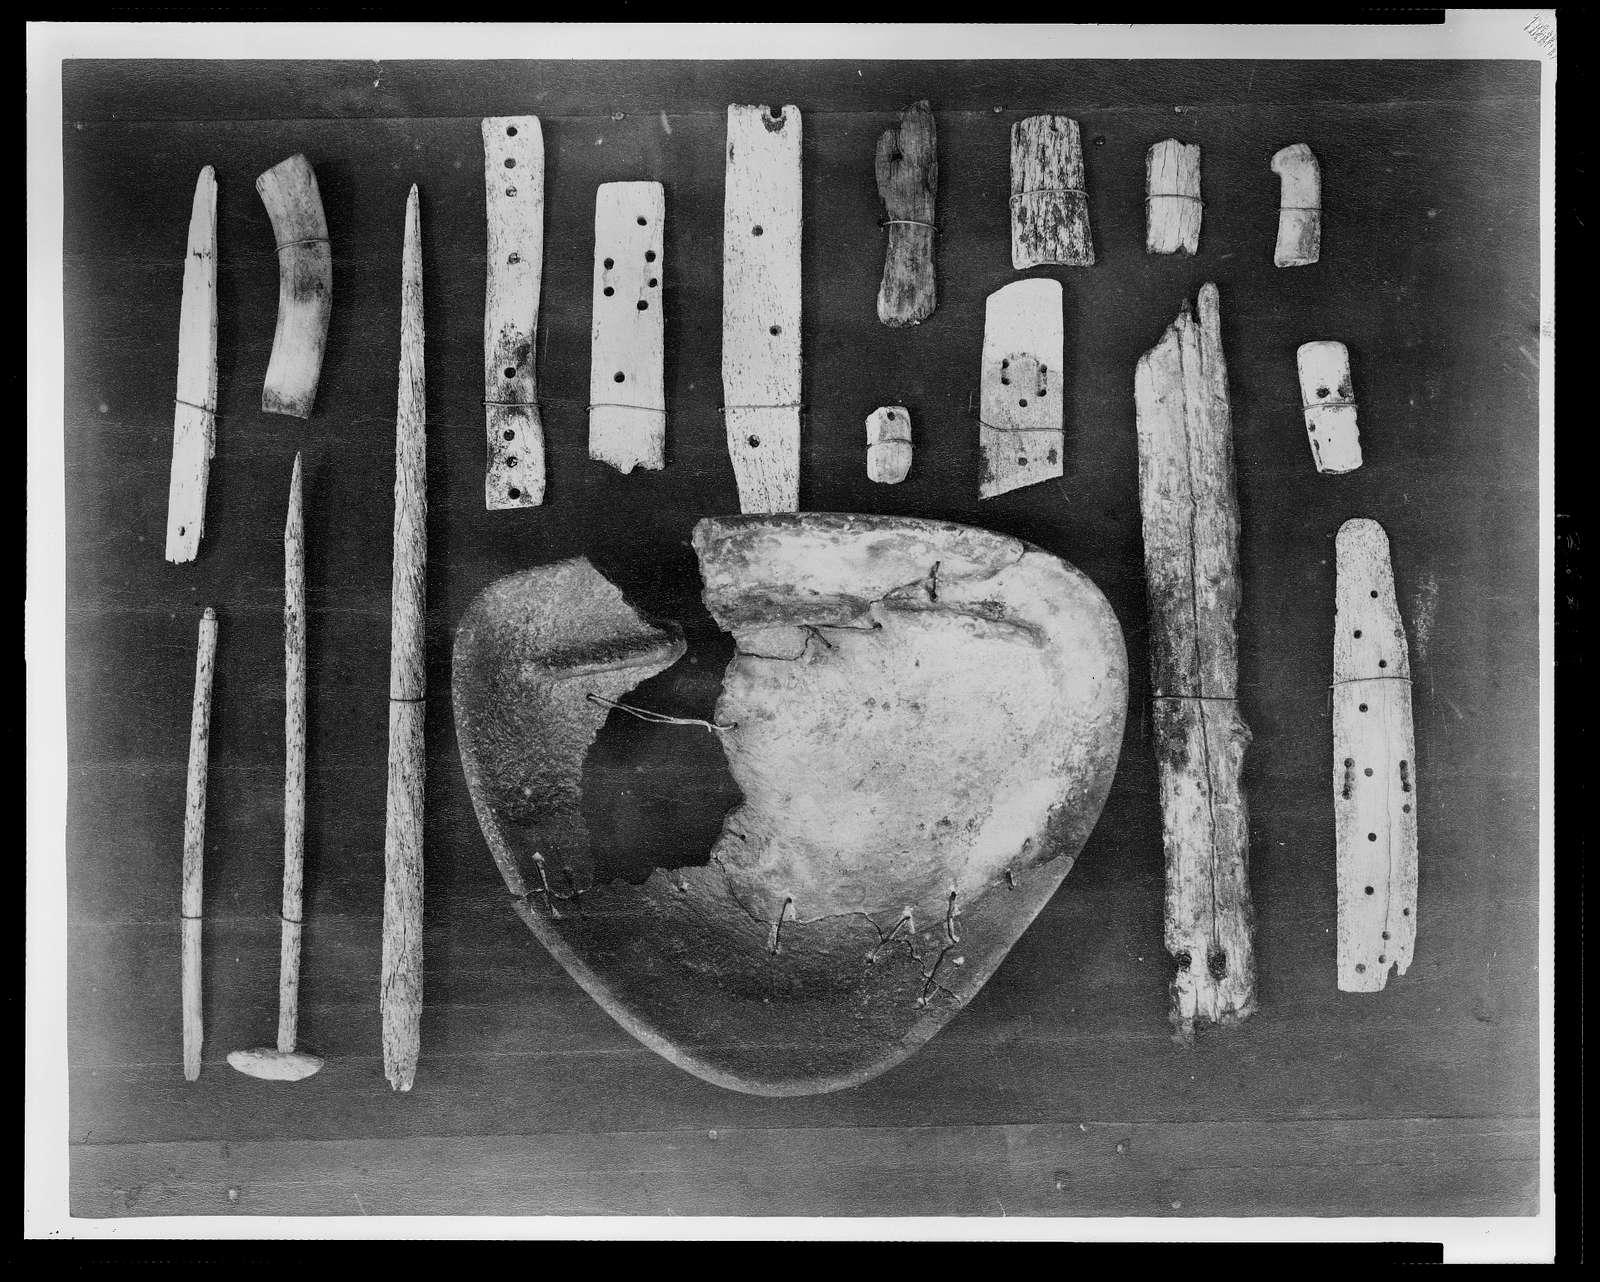 Eskimo relics found at Cape Band